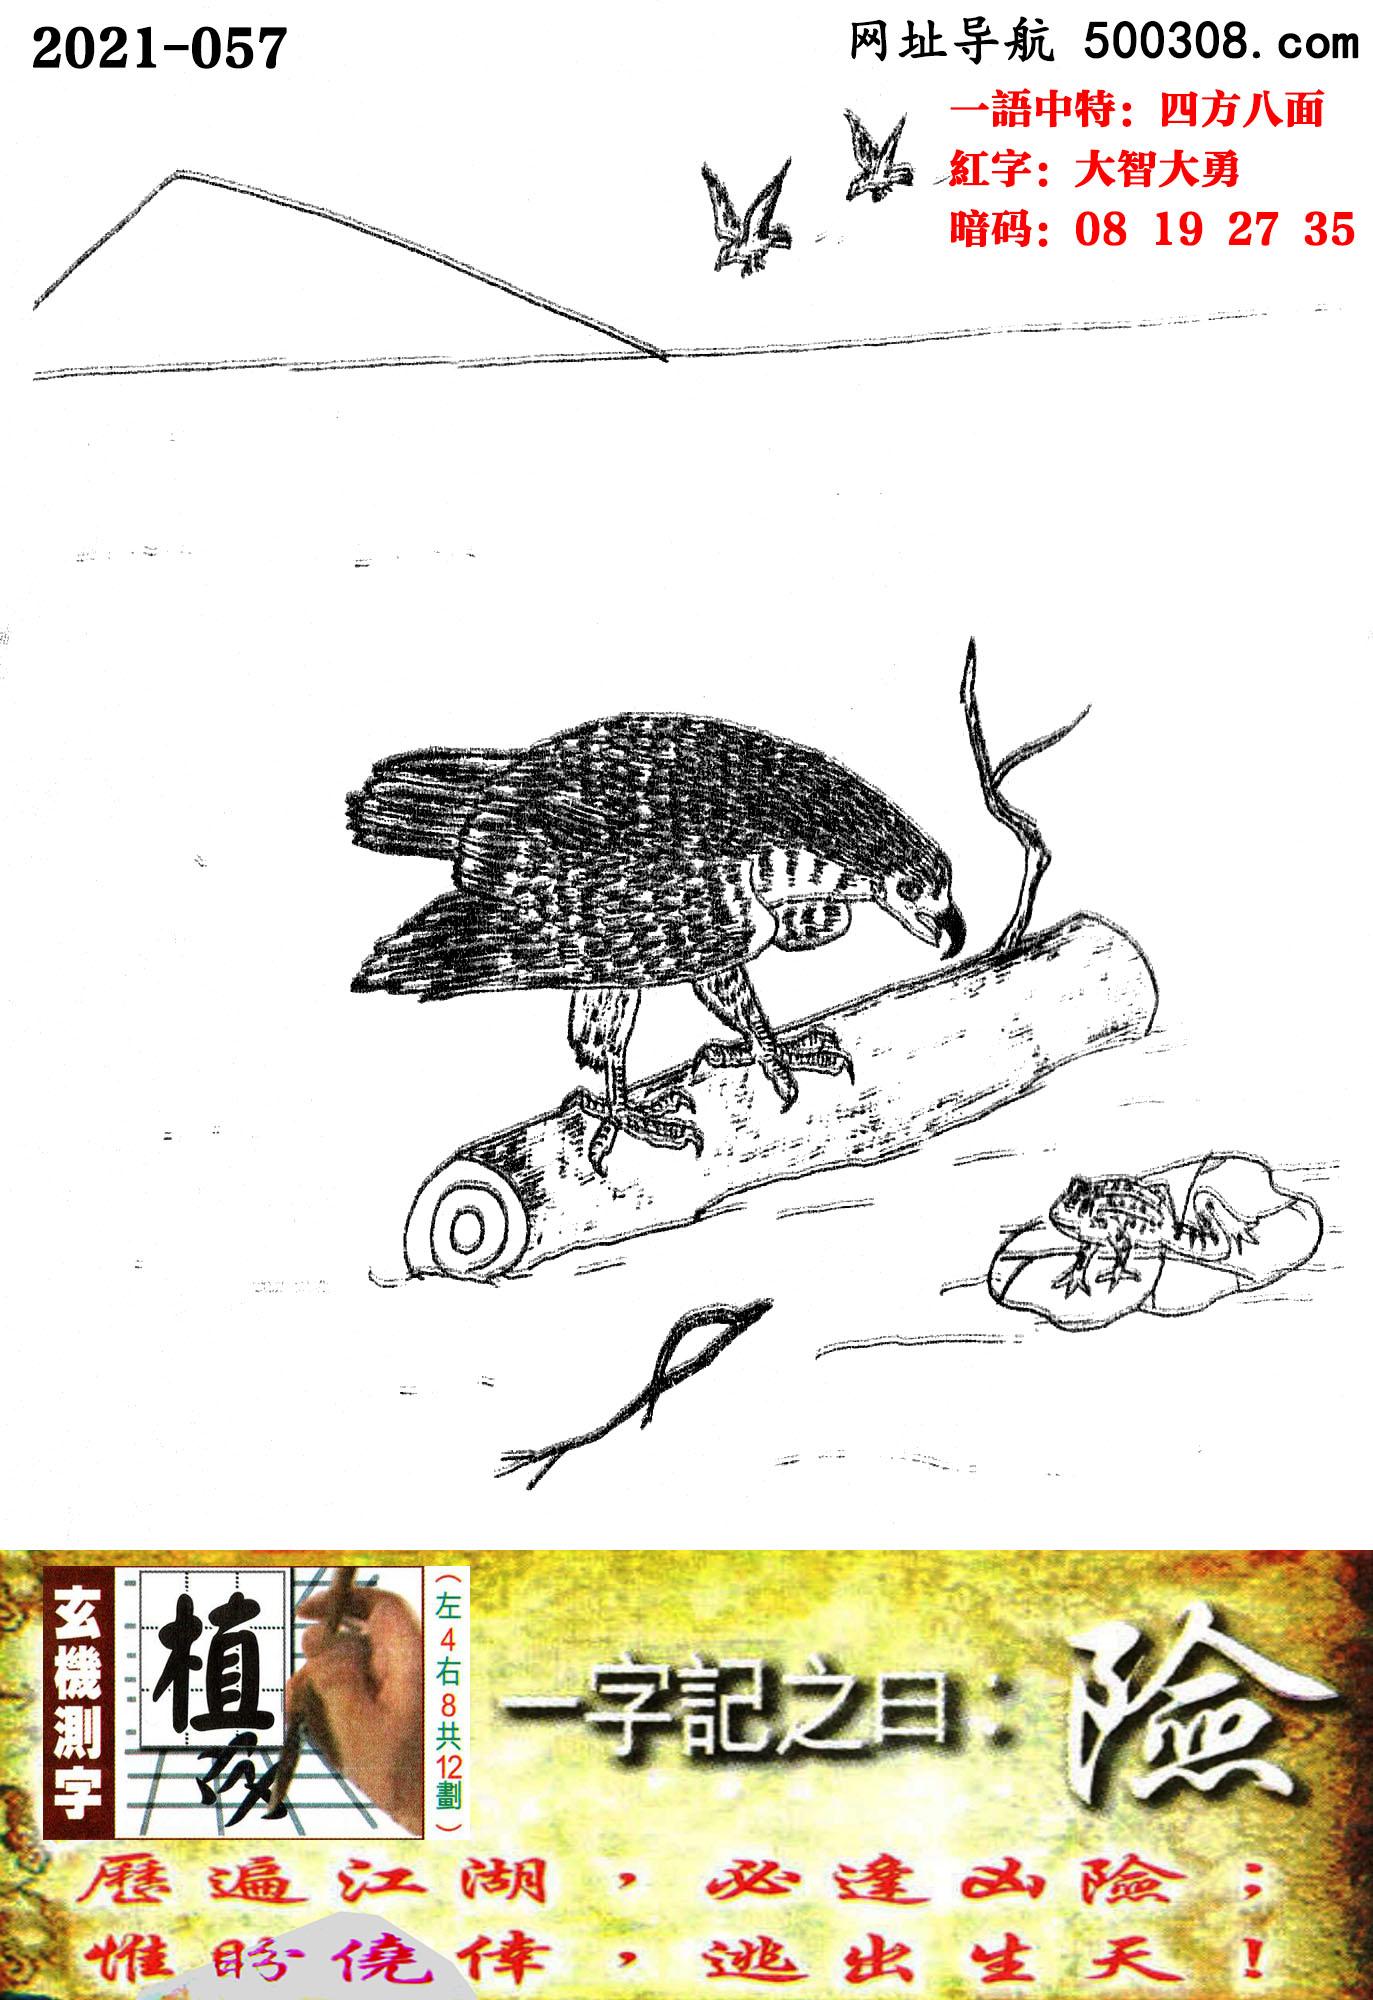 057期跑狗一字�之曰:【�U】_�v遍江湖,必逢�措U;惟盼�e��,逃出生天!